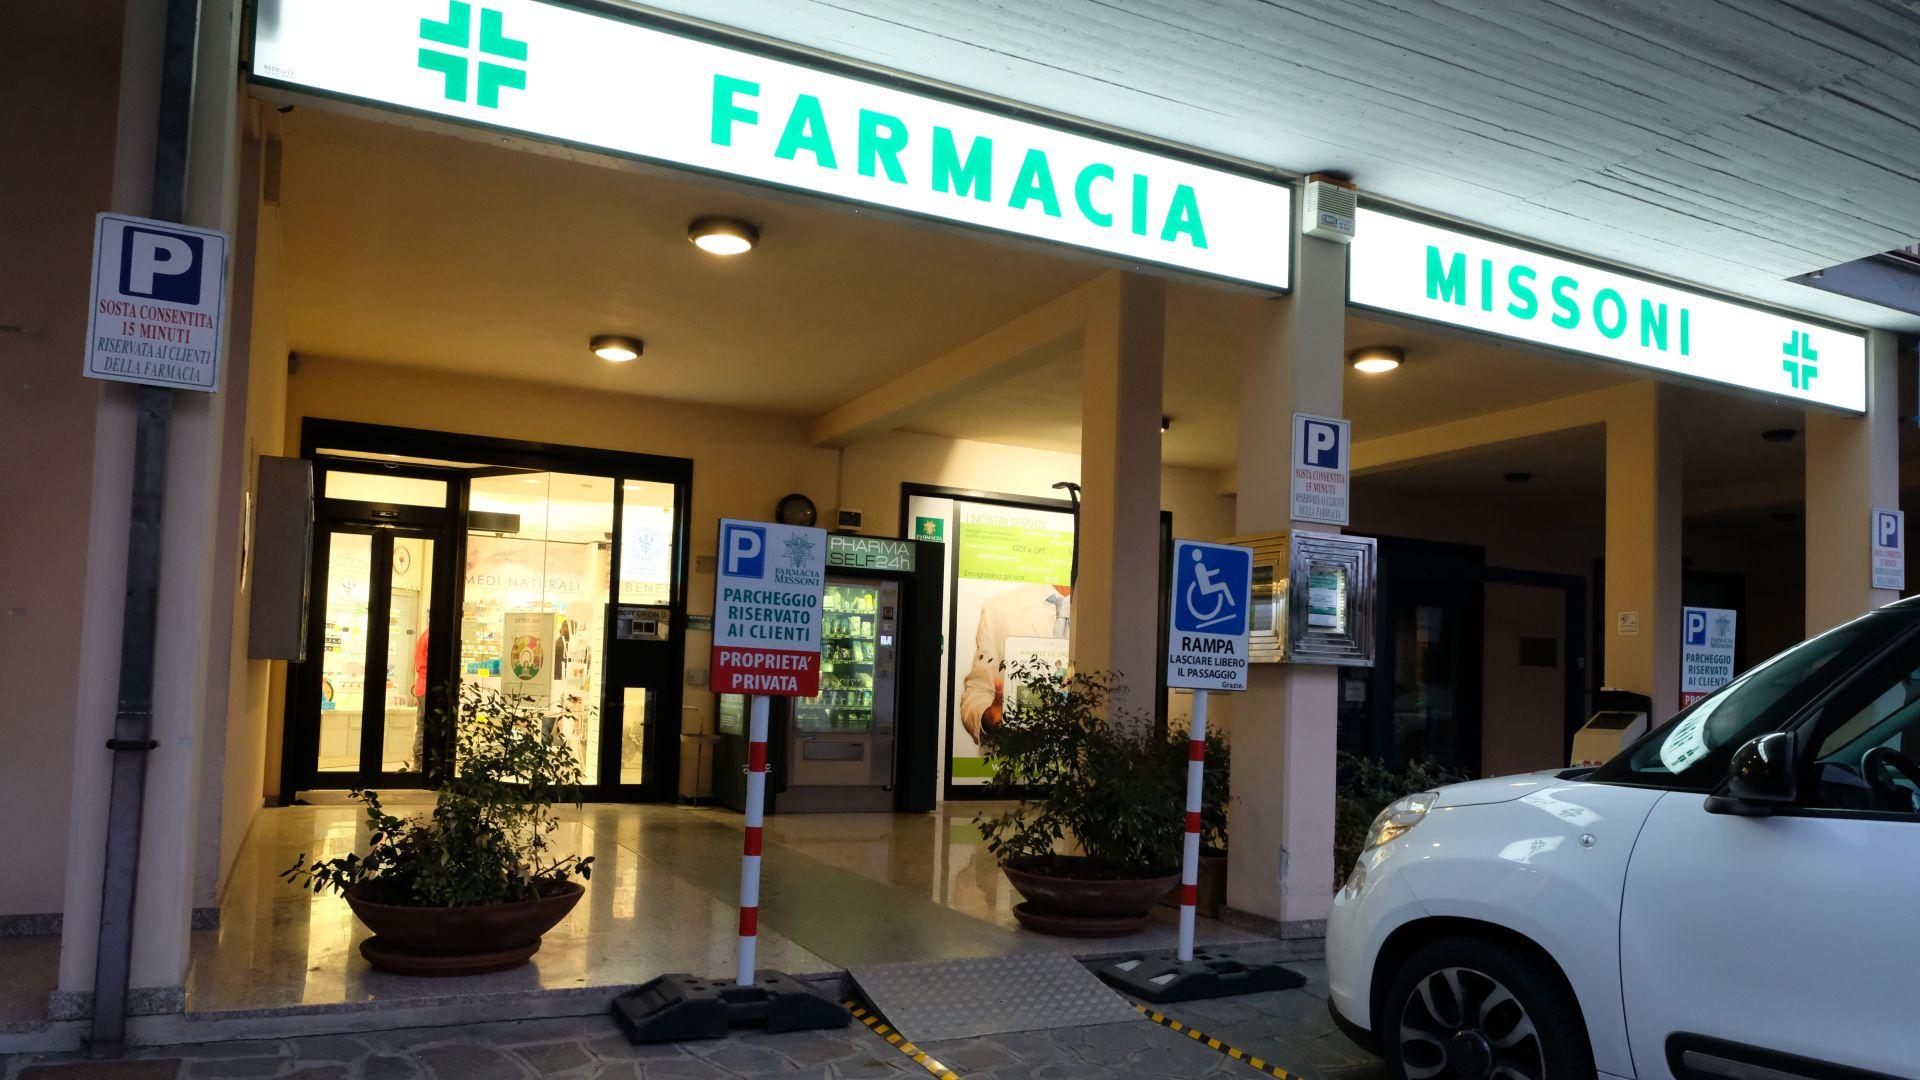 FARMACIA MISSONI